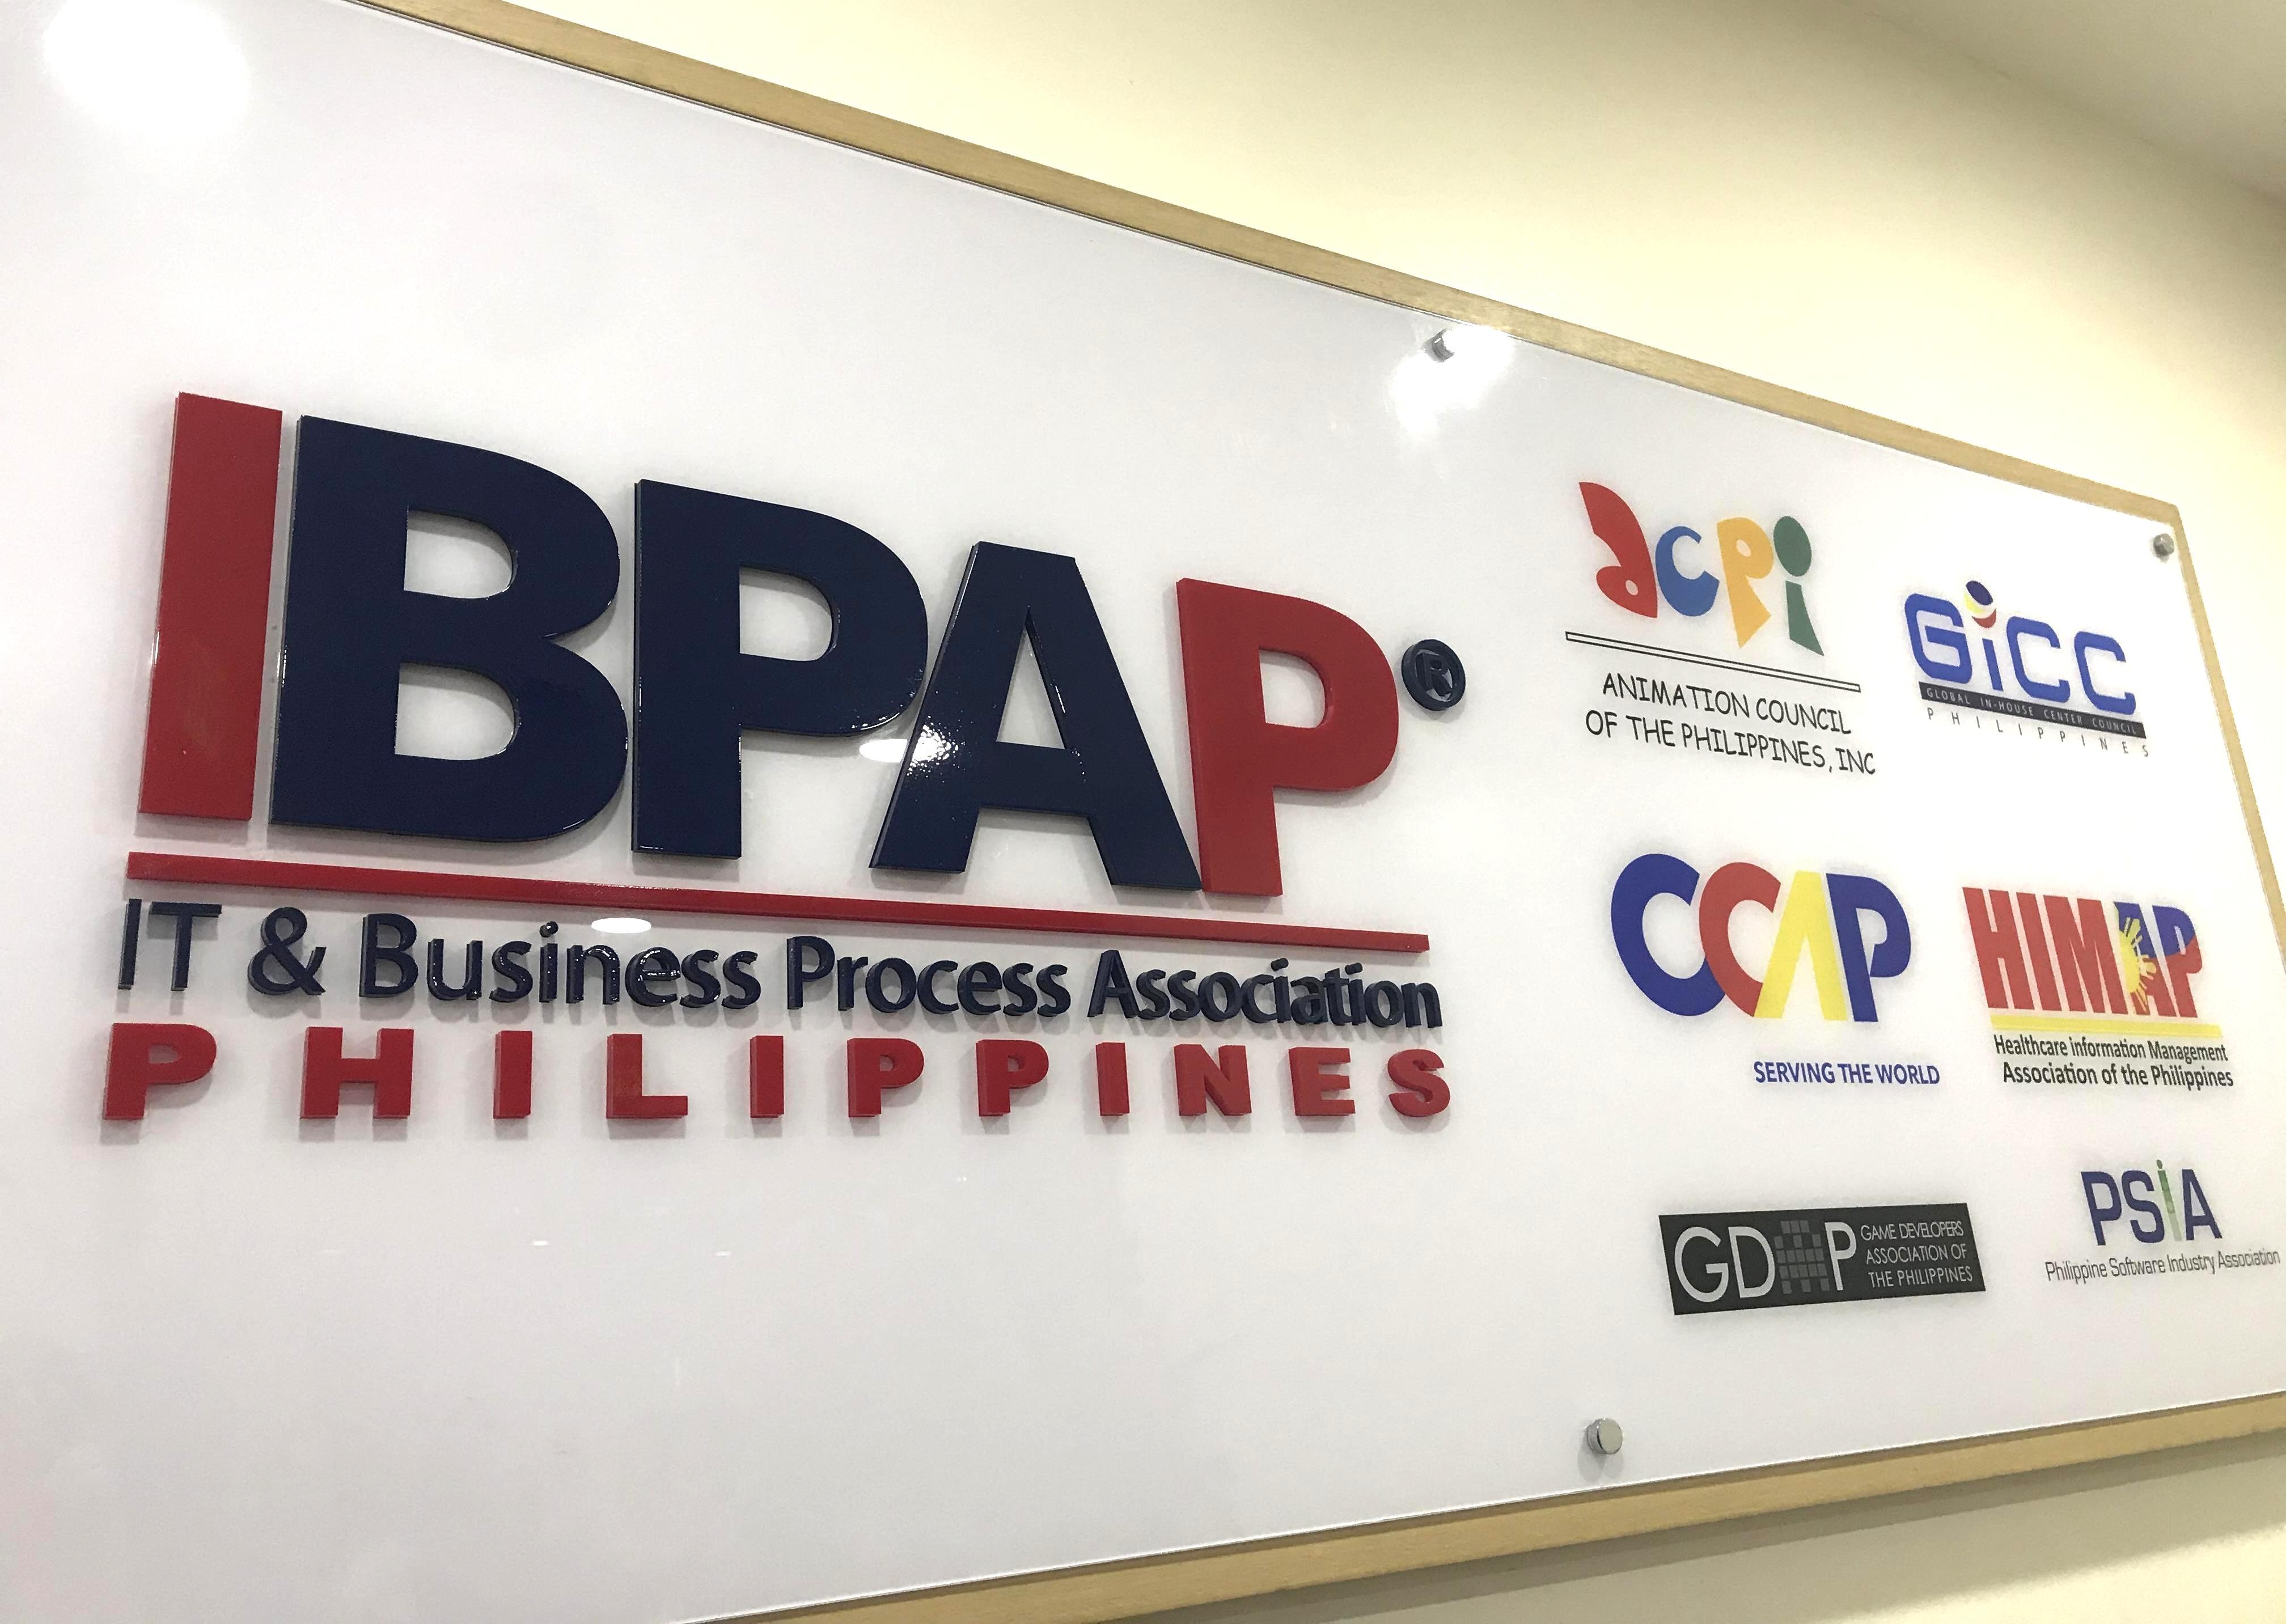 IBPAP to tackle digital disruption at its annual summit